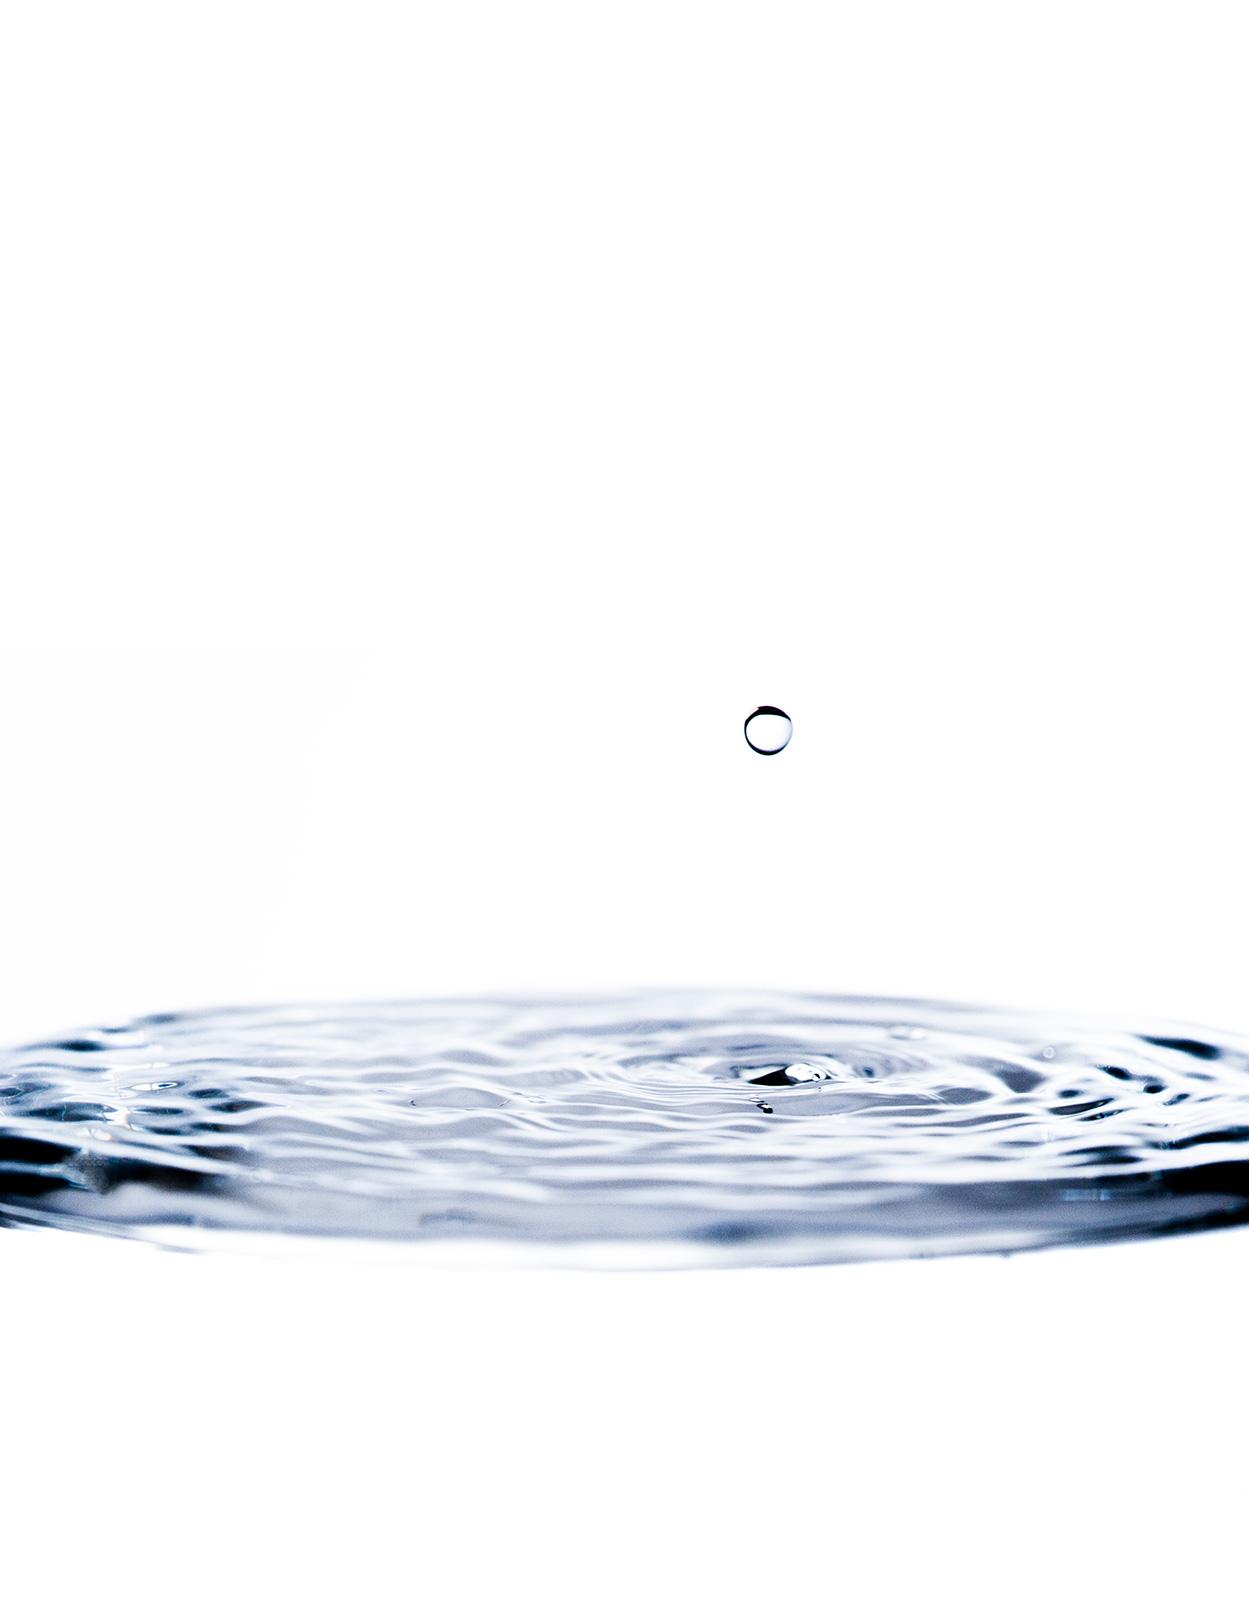 20110924-waterdrop_close01.jpg